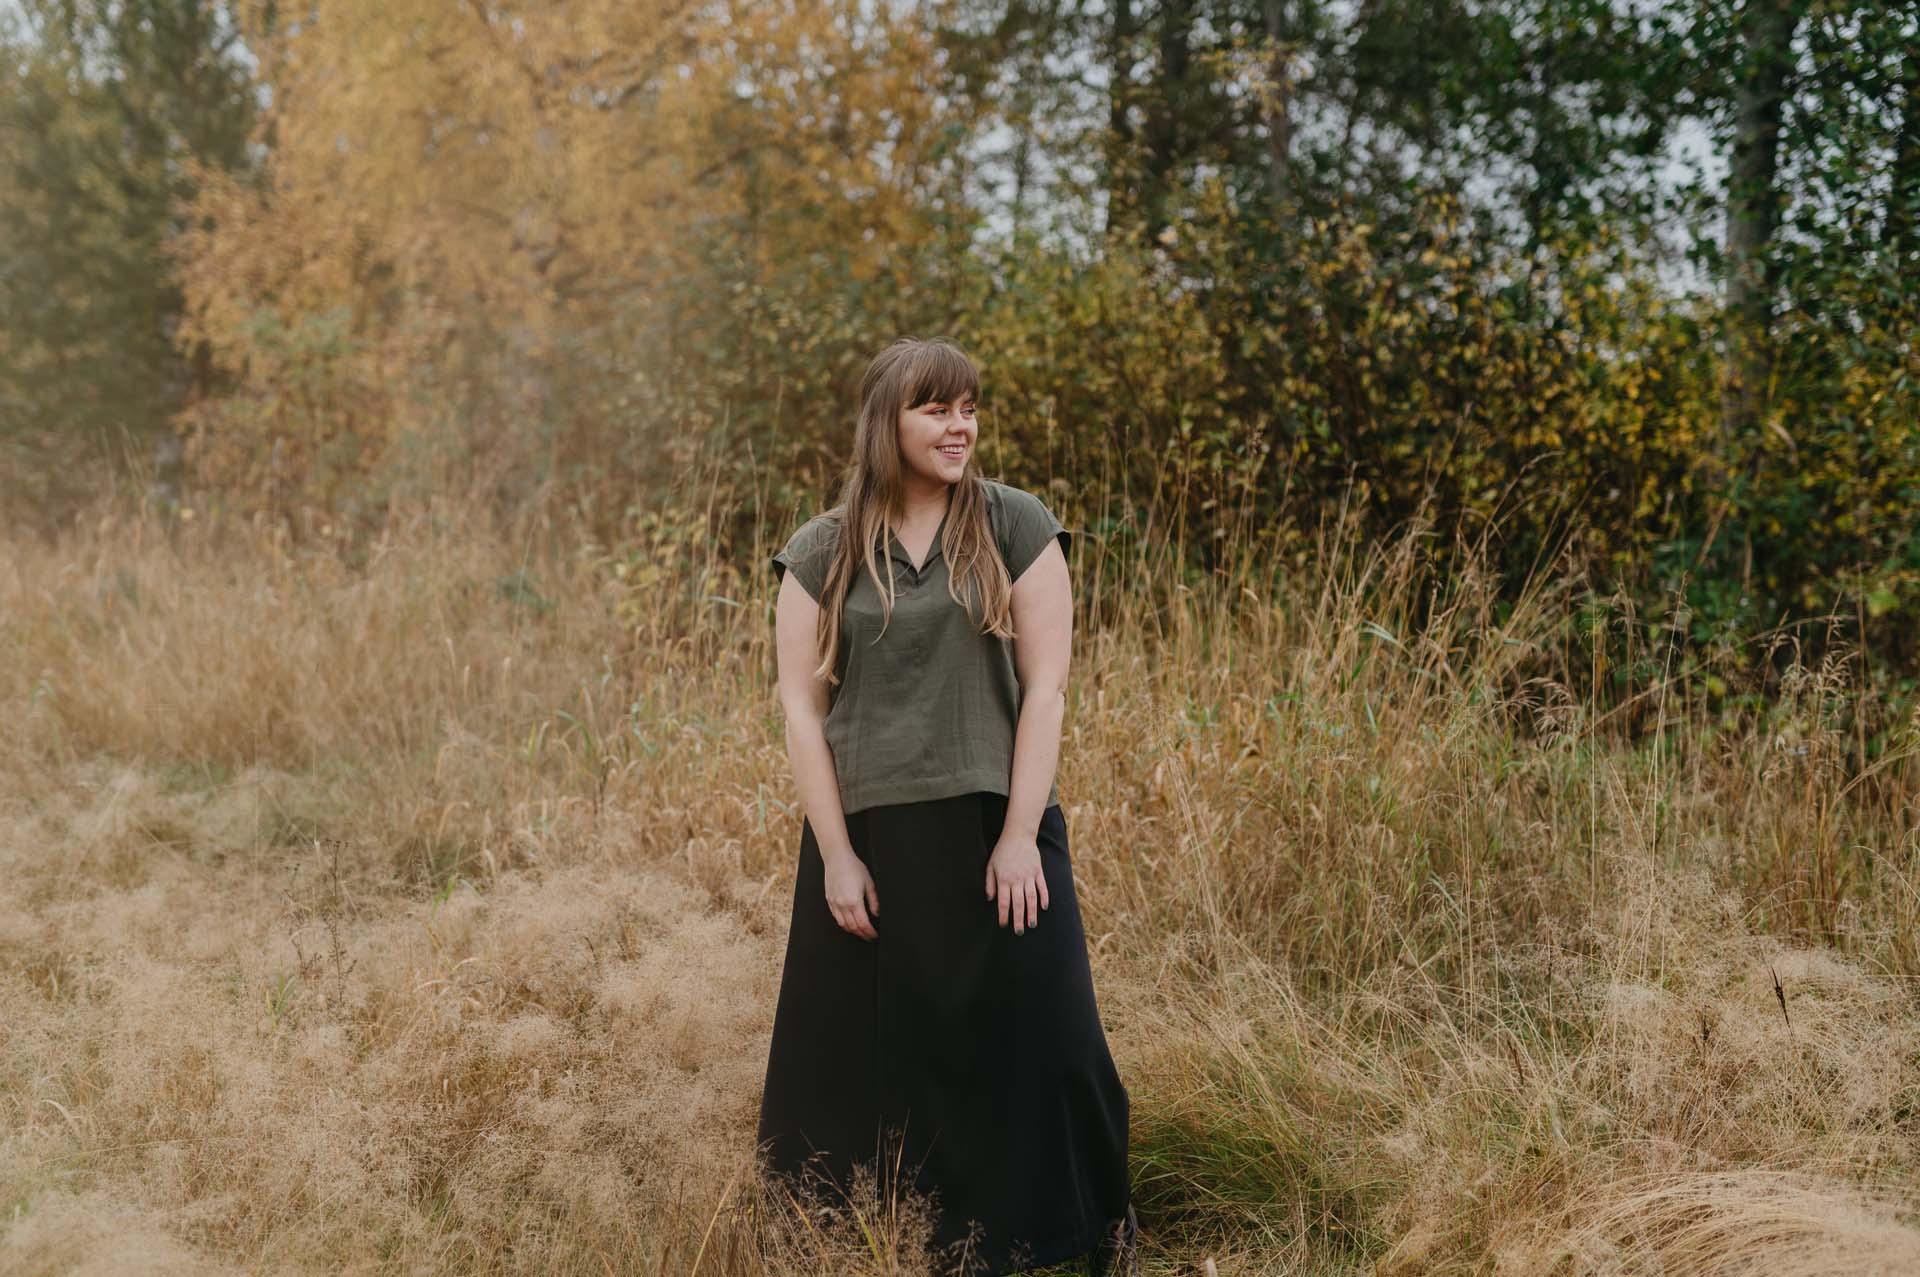 flicka på åker i finland i grön top och svart lång kjol som är sydda av RESTYEL syatelje.